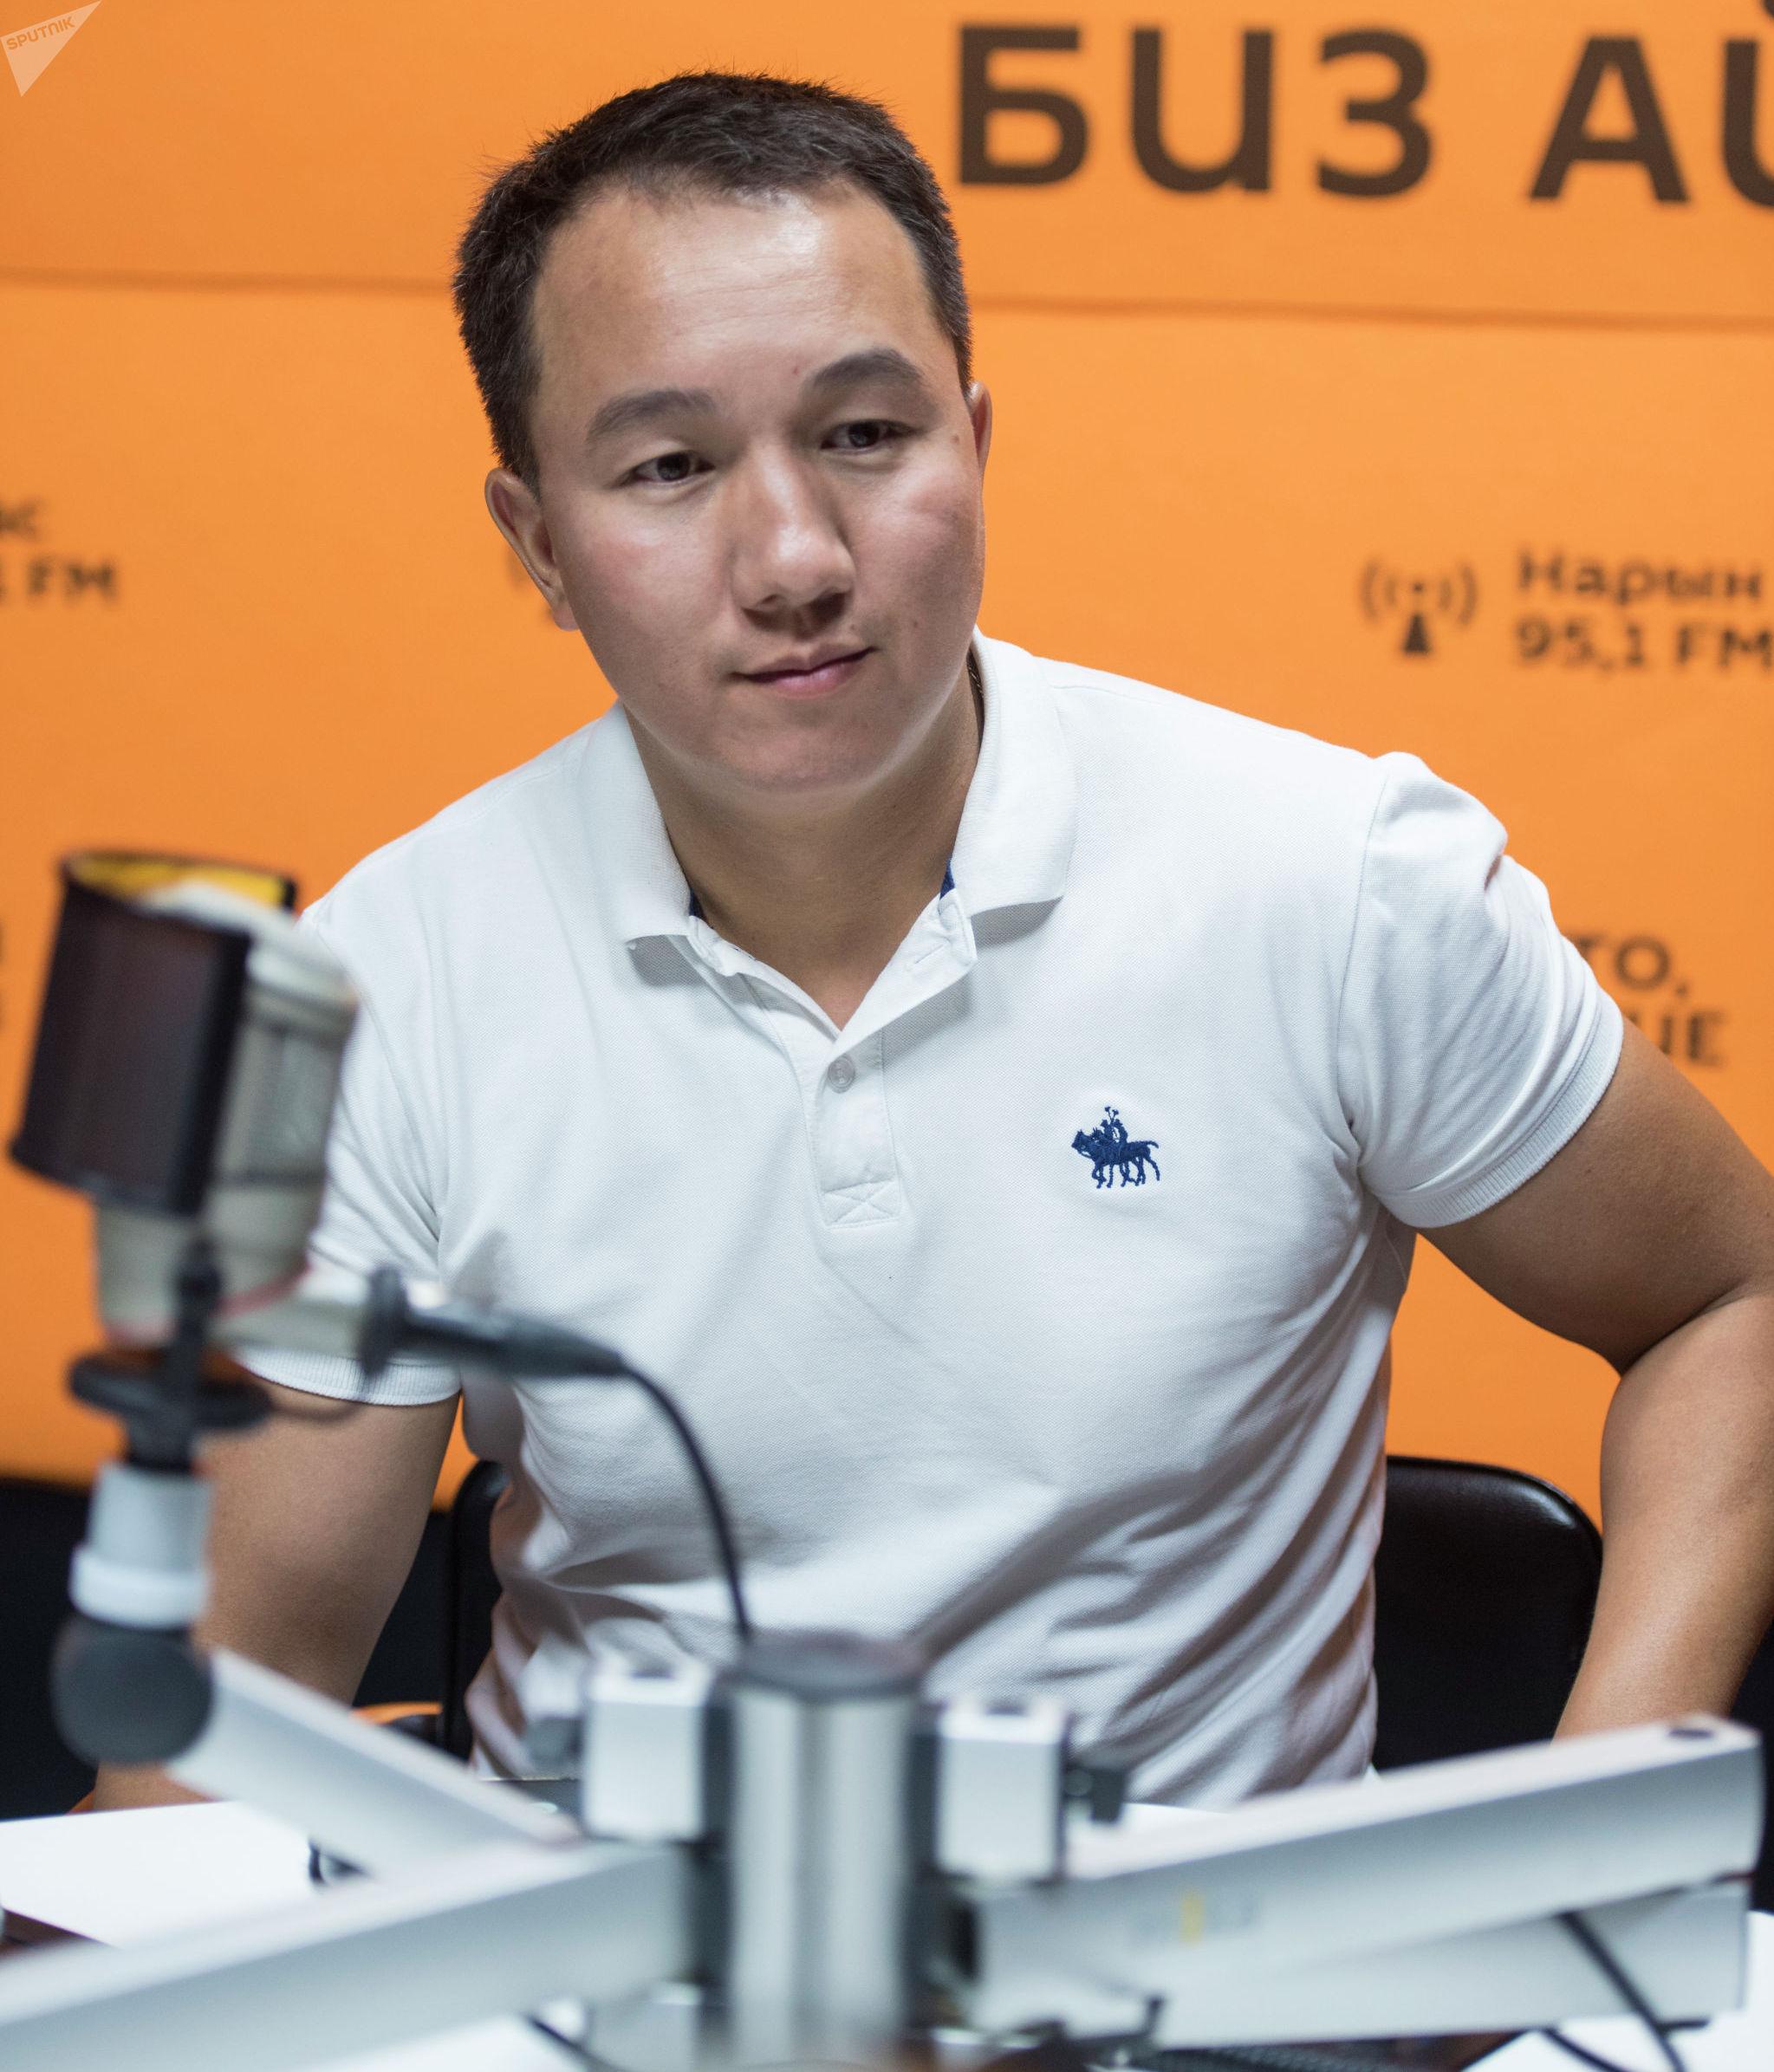 Предприниматель и общественный деятель Кубанычбек Осмонбеков во время интервью